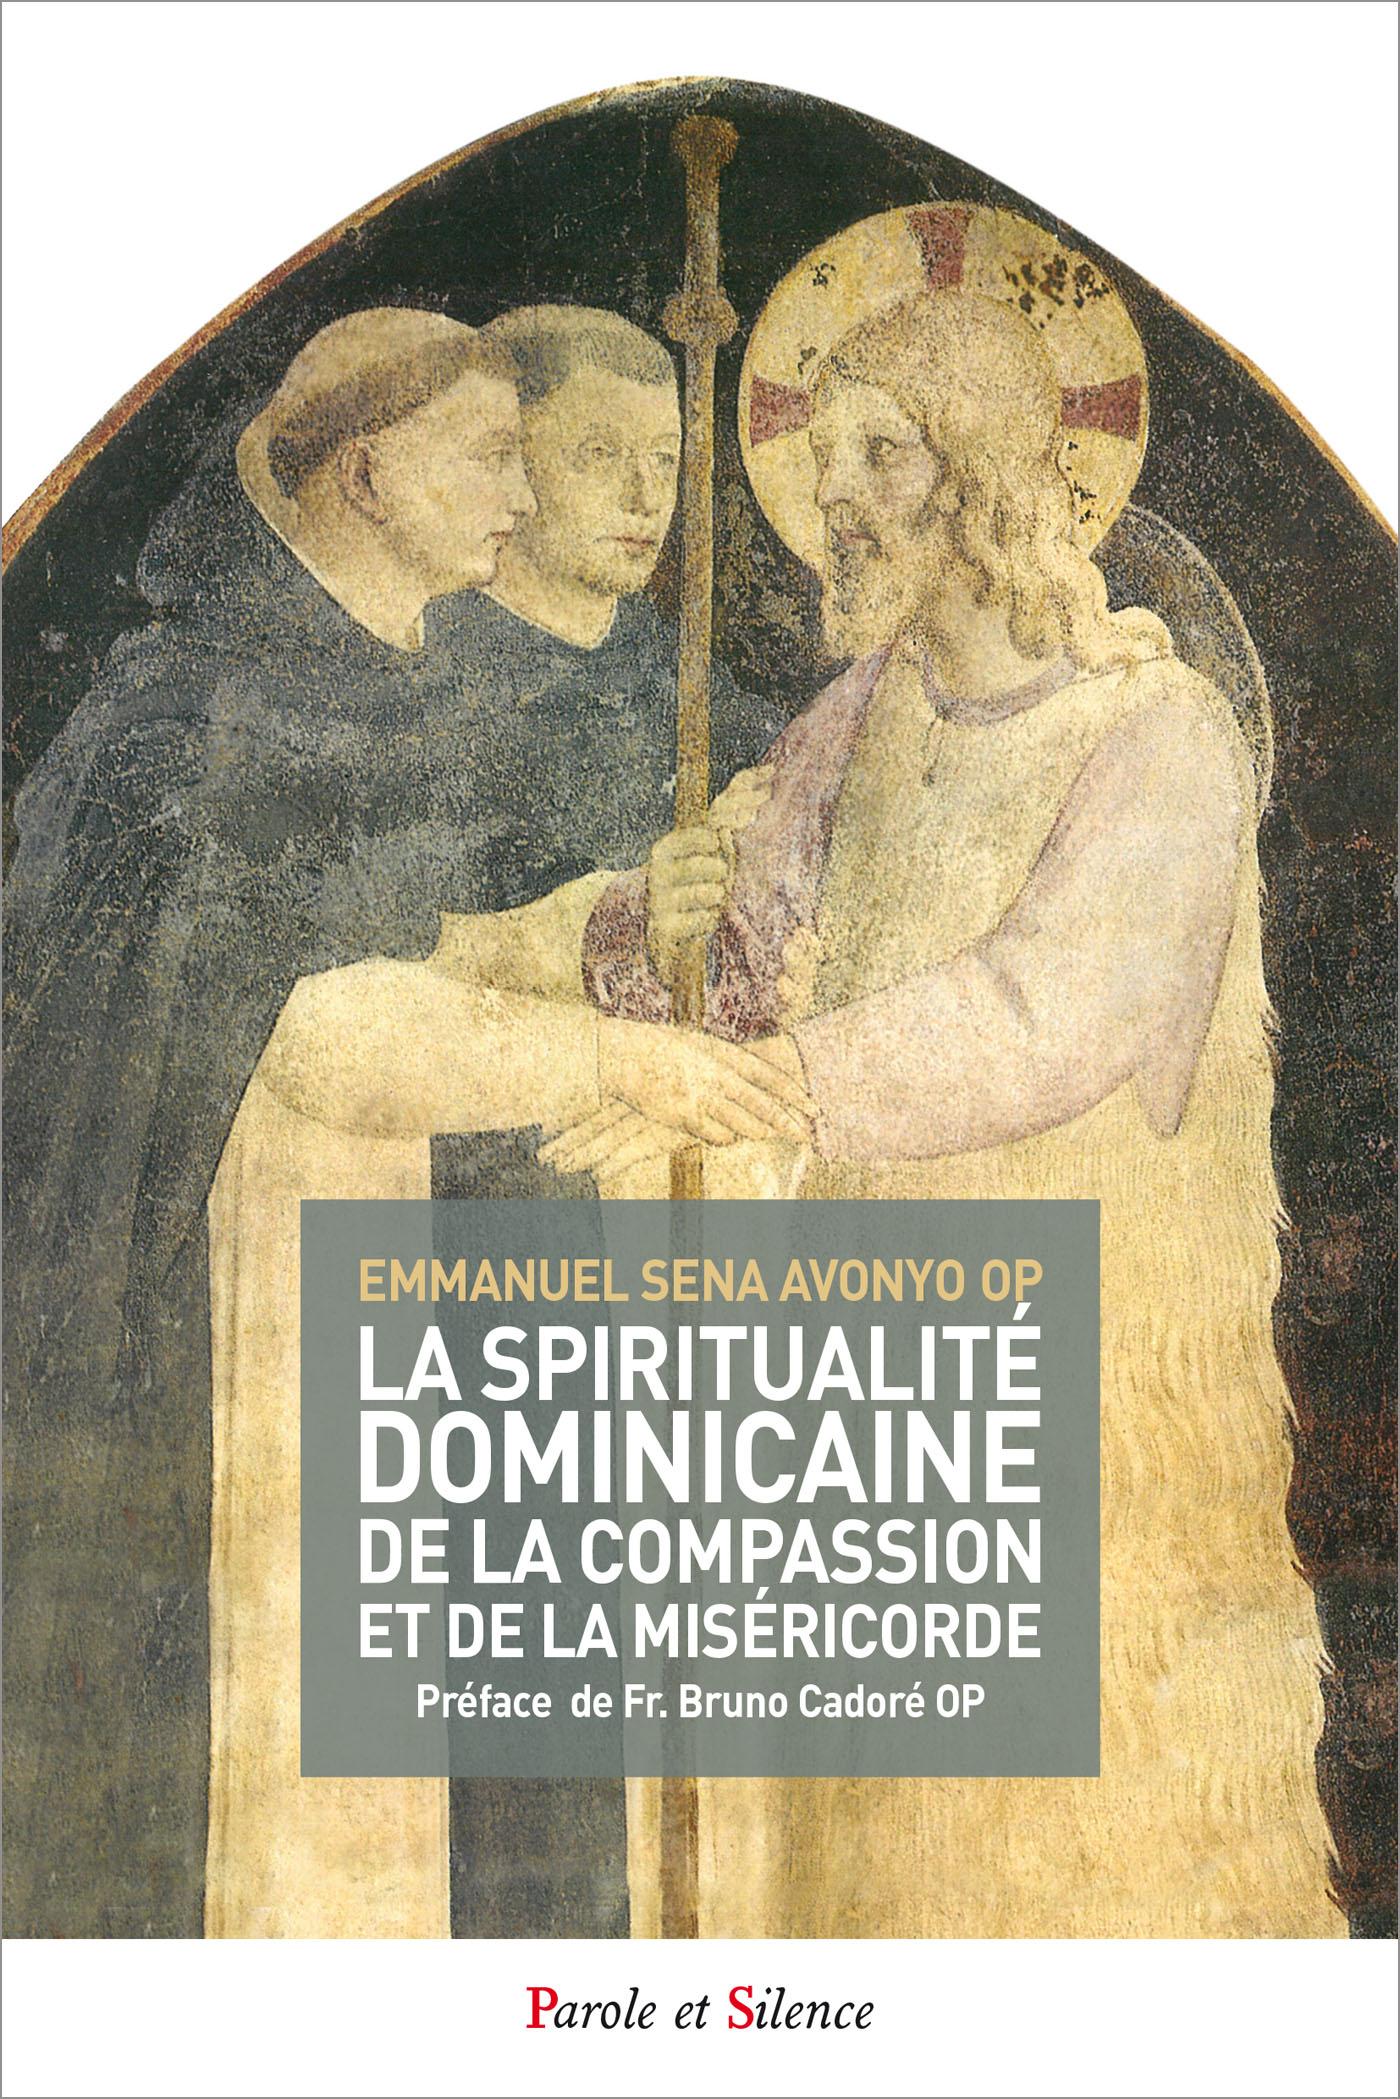 La spiritualité dominicaine de la compassion et de la miséricorde